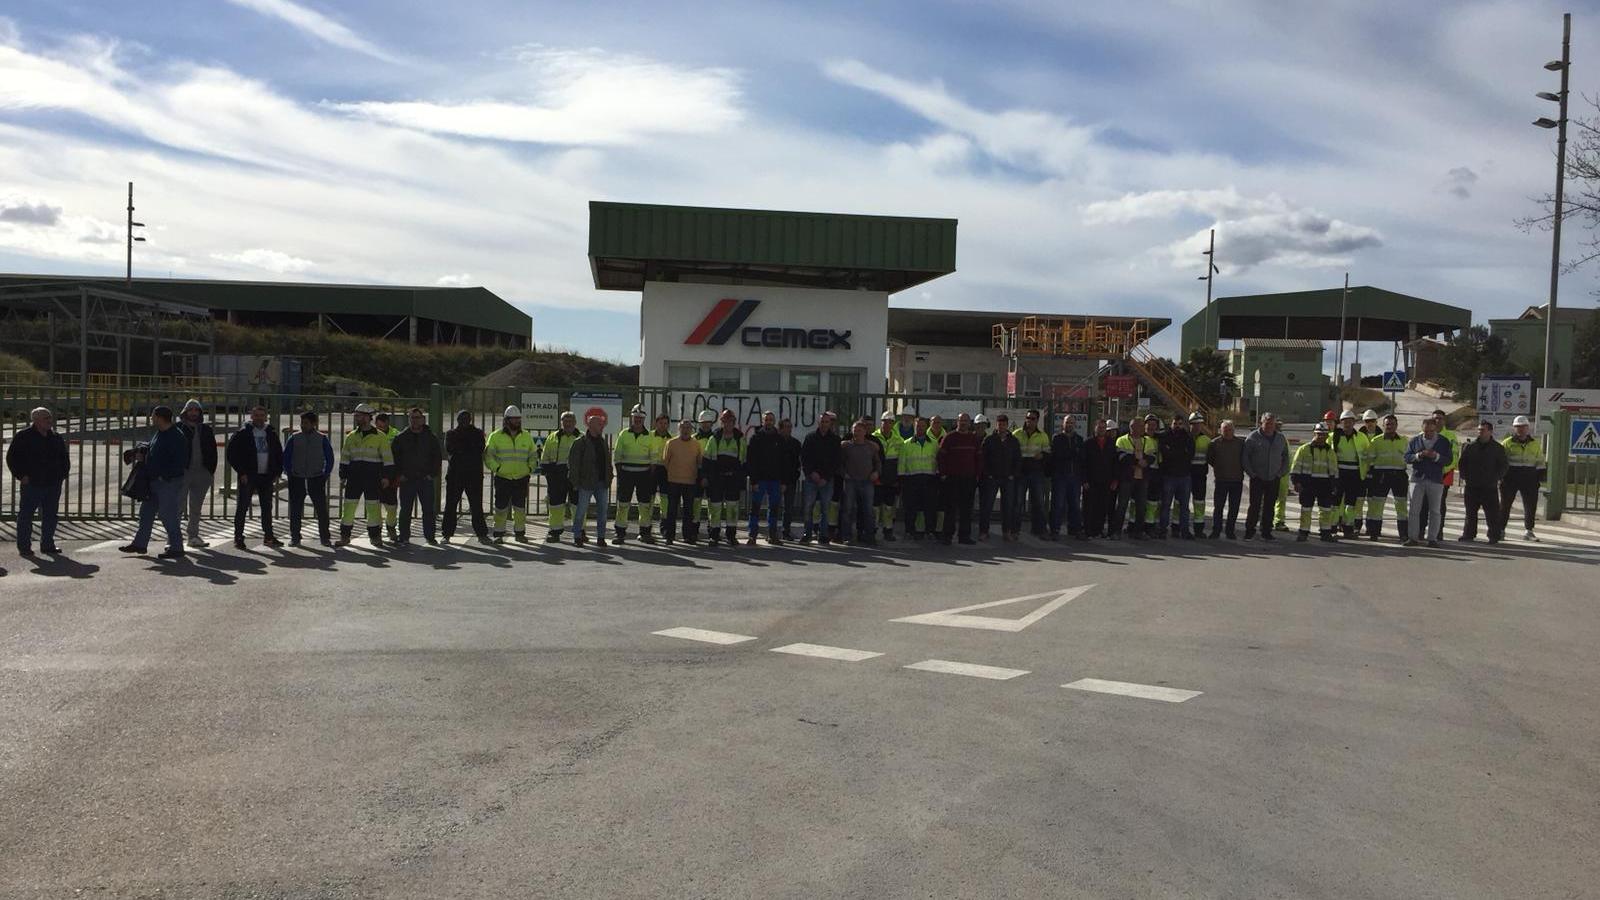 Els treballadors de Cemex bloquegen la fàbrica